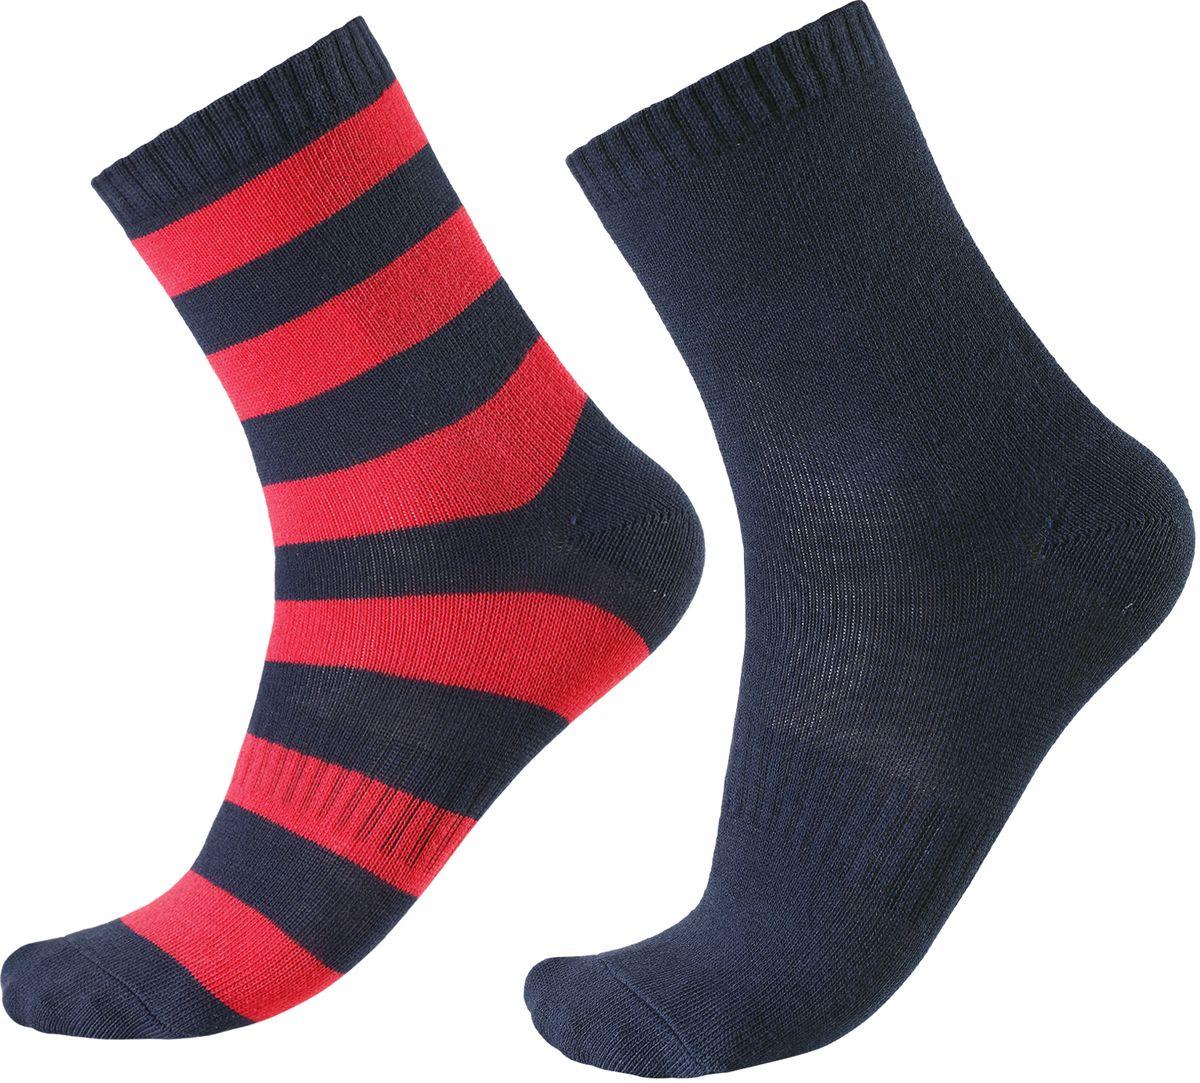 Носки детские Reima Colombo, цвет: синий, красный. 527267-6980. Размер 38/41527267-6980В носках из смеси Coolmax детским ножкам будет тепло и уютно. Смесь Coolmax с хлопком превосходно подходит для занятий спортом и подвижных игр на свежем воздухе, поскольку эффективно выводит влагу с кожи и не вызывает потливости. Этот материал дышит и быстро сохнет. Легкая летняя модель без ворсового усиления.